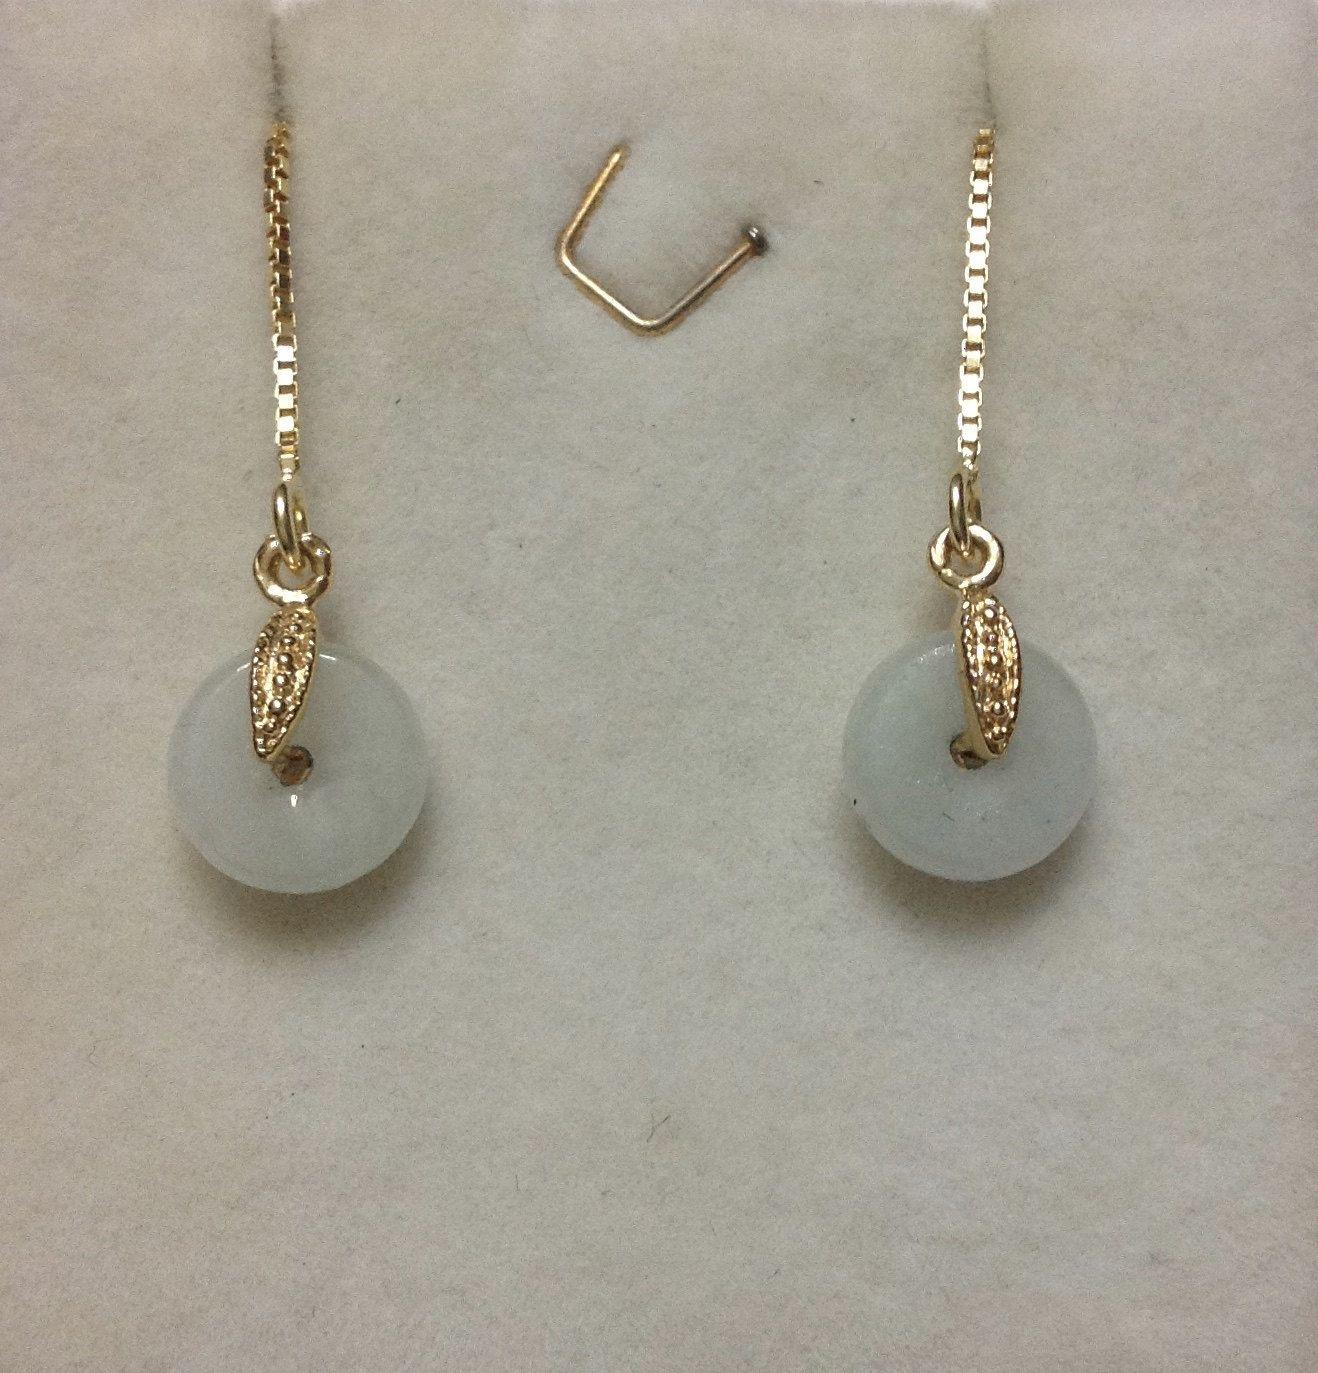 Genuine Icy Jade Earrings, Dainty Jade Earrings, Gold Threader Earrings,  Gold Jade Earrings